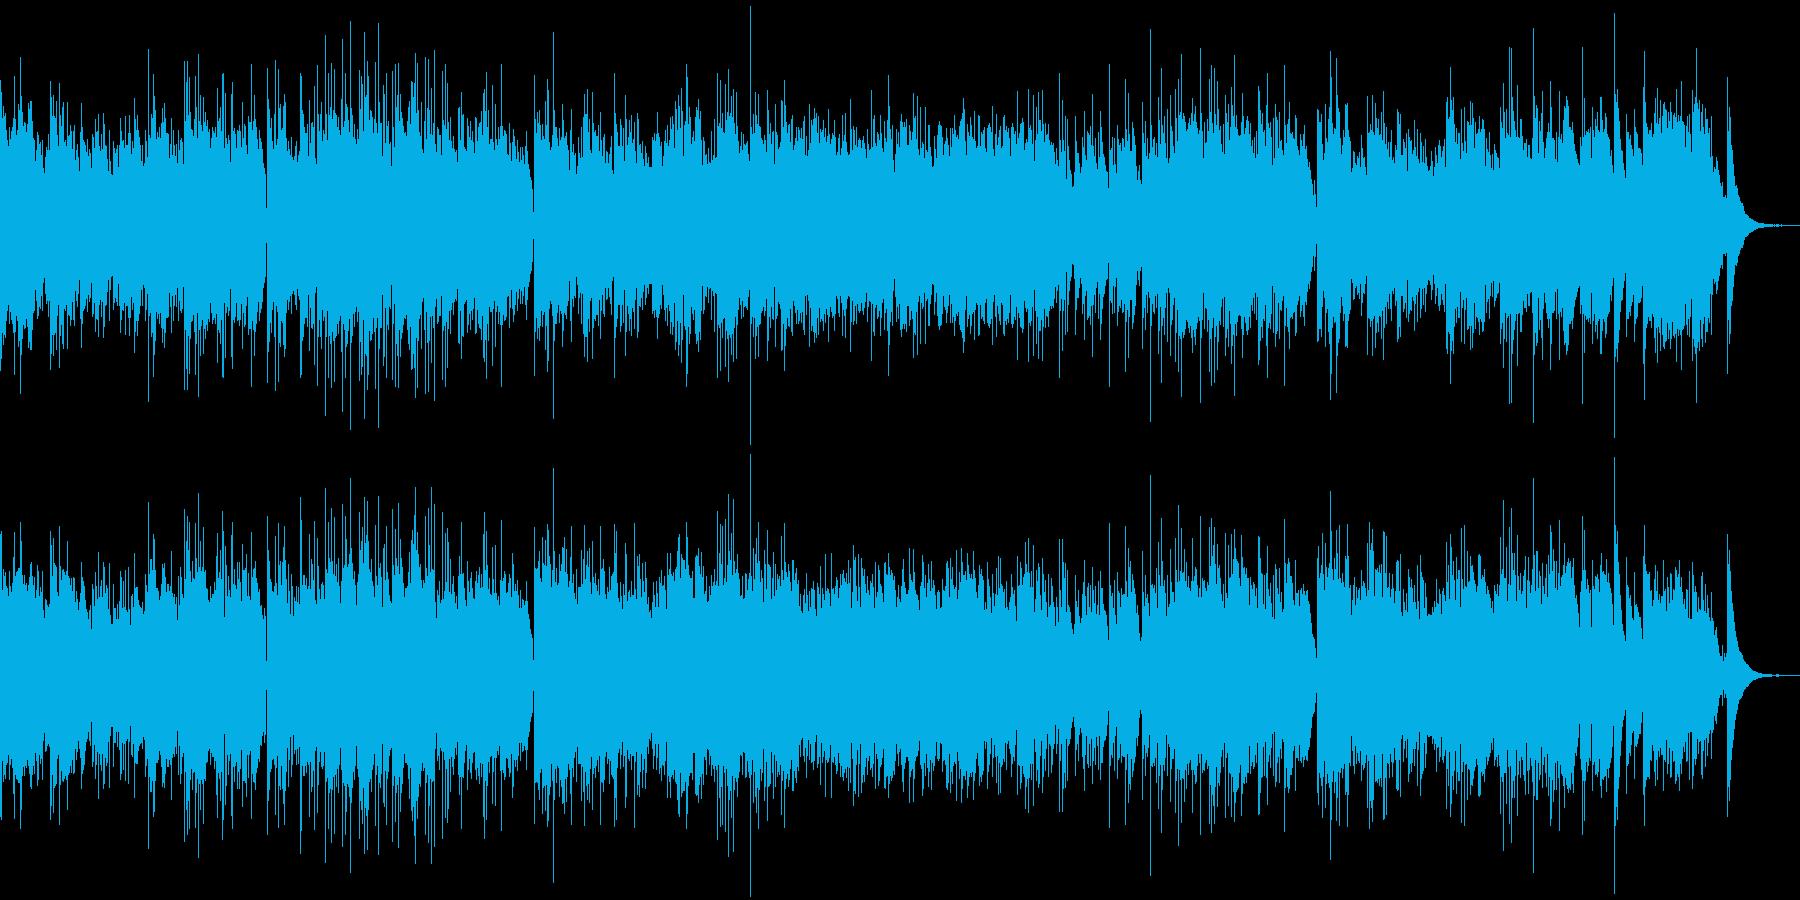 アコースティックギターの音色が優しい曲の再生済みの波形